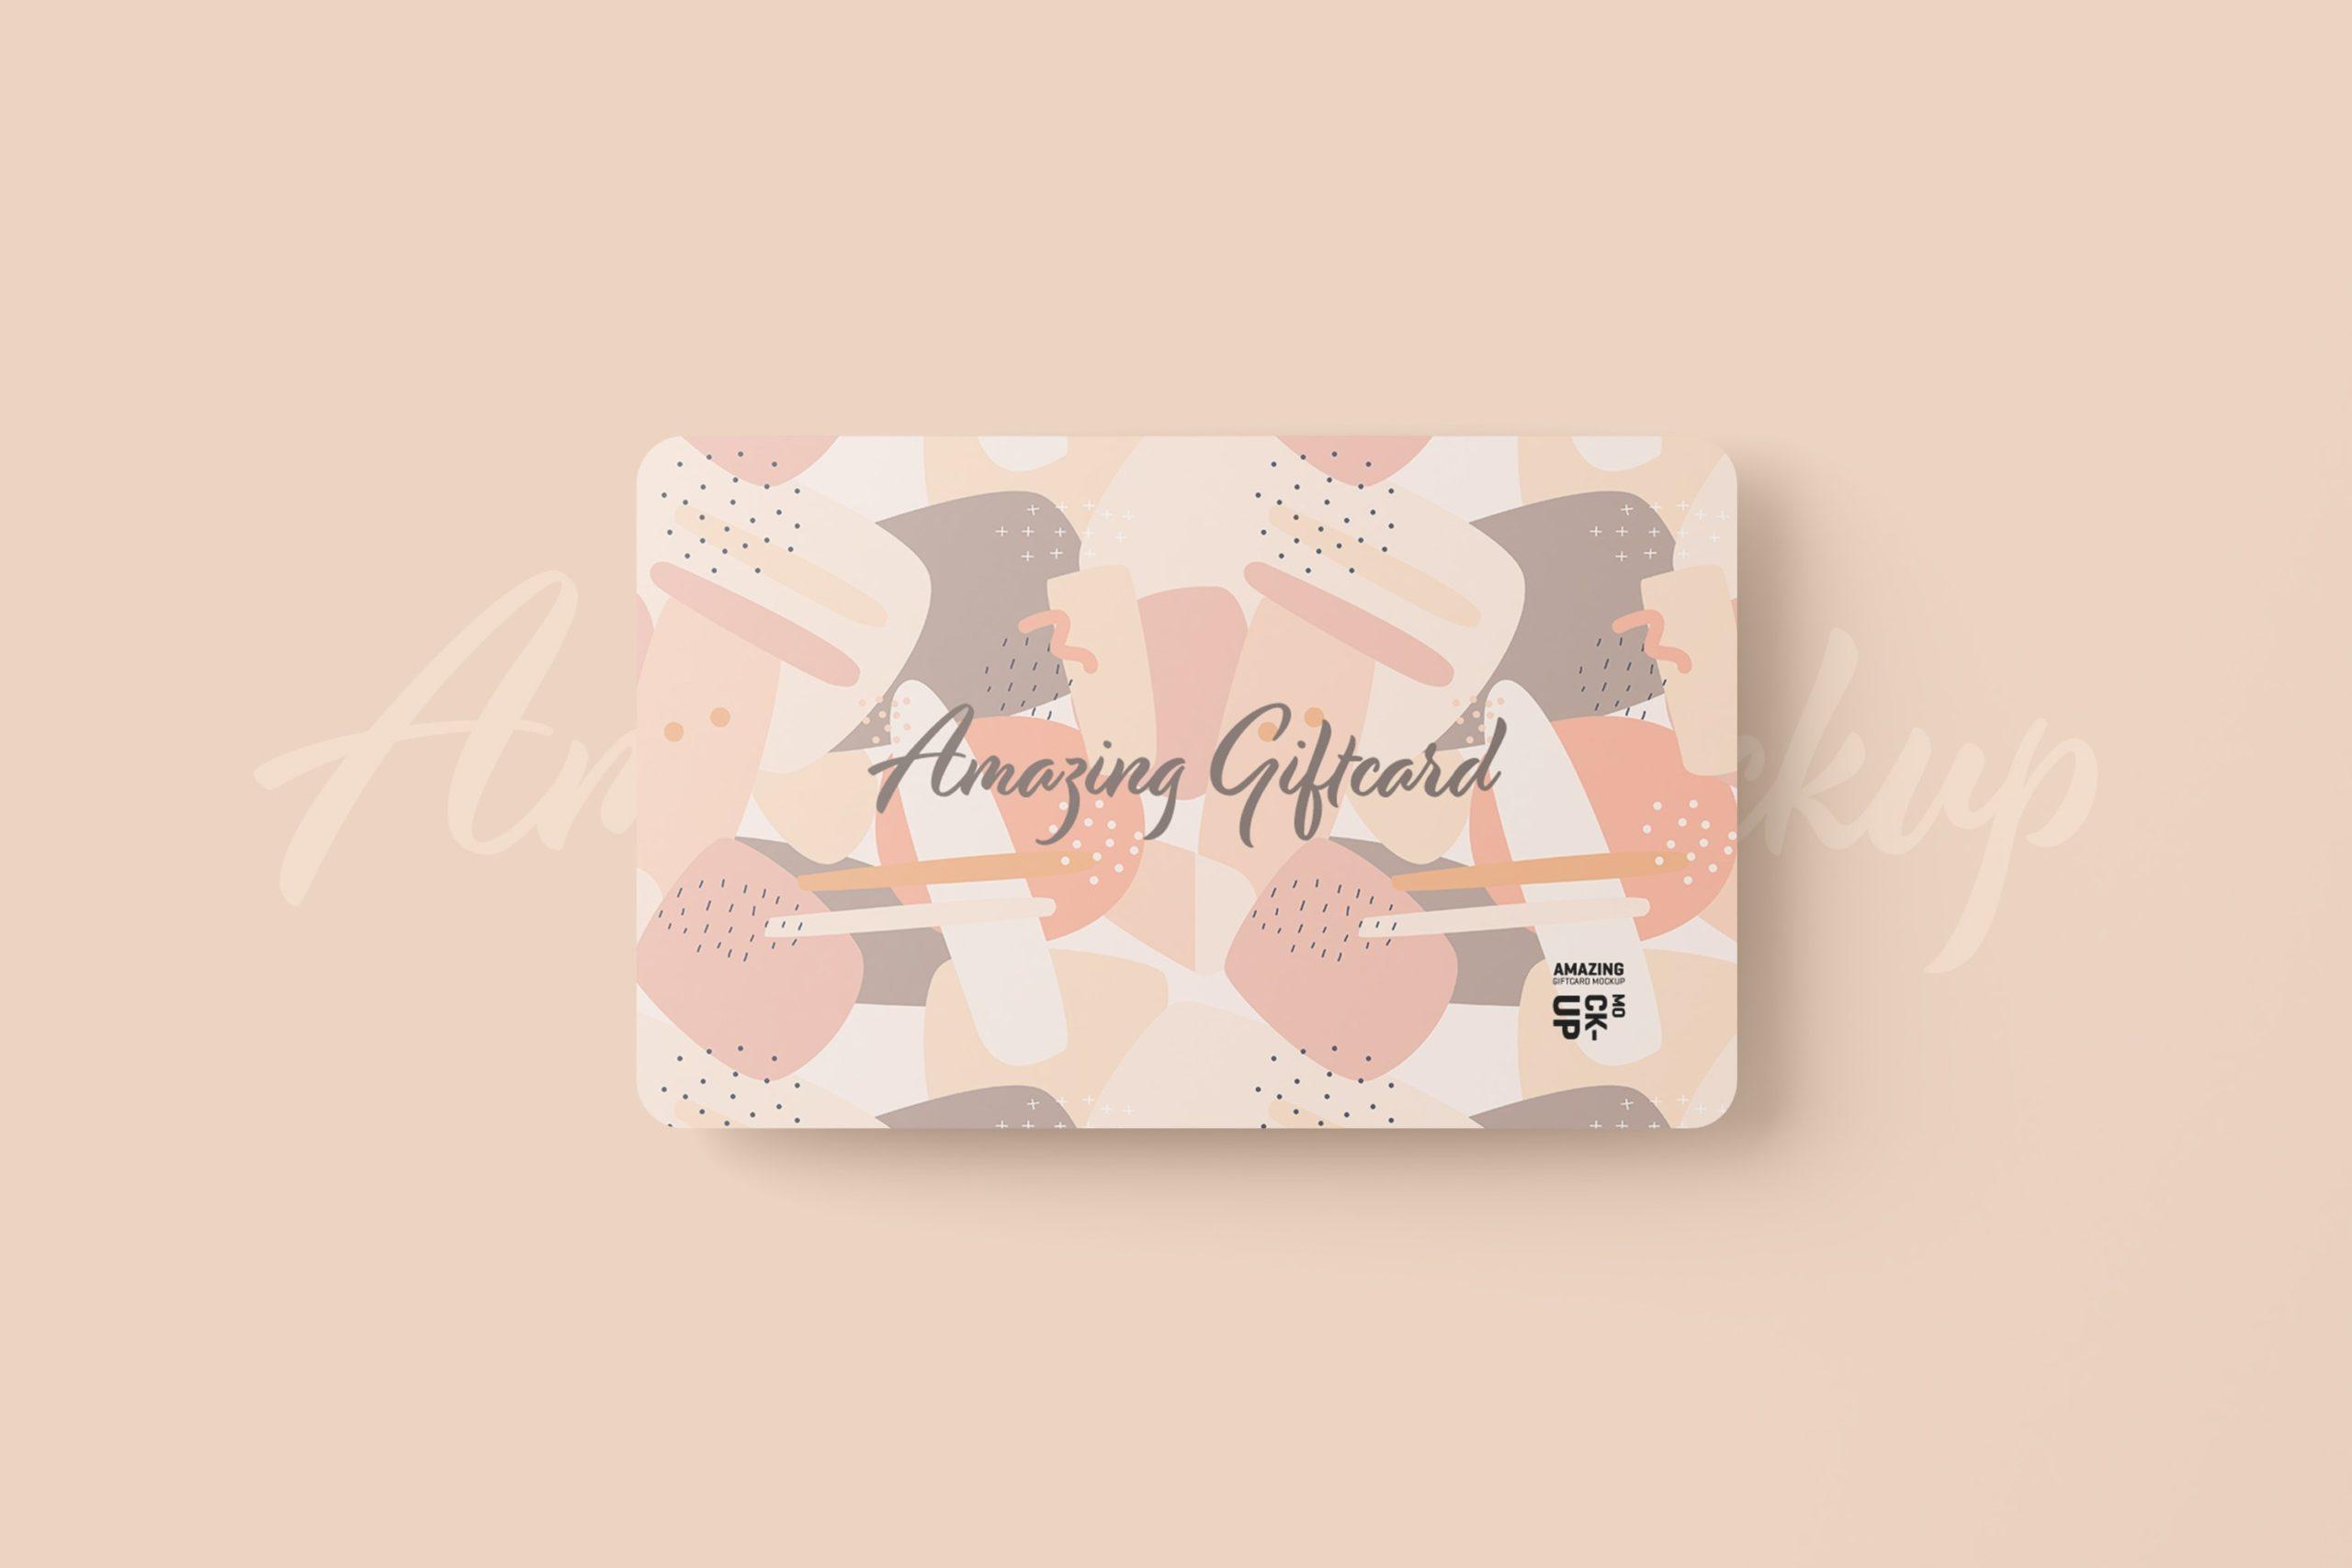 11款名片礼品卡设计展示贴图样机模板 Gift Card Mockup插图1